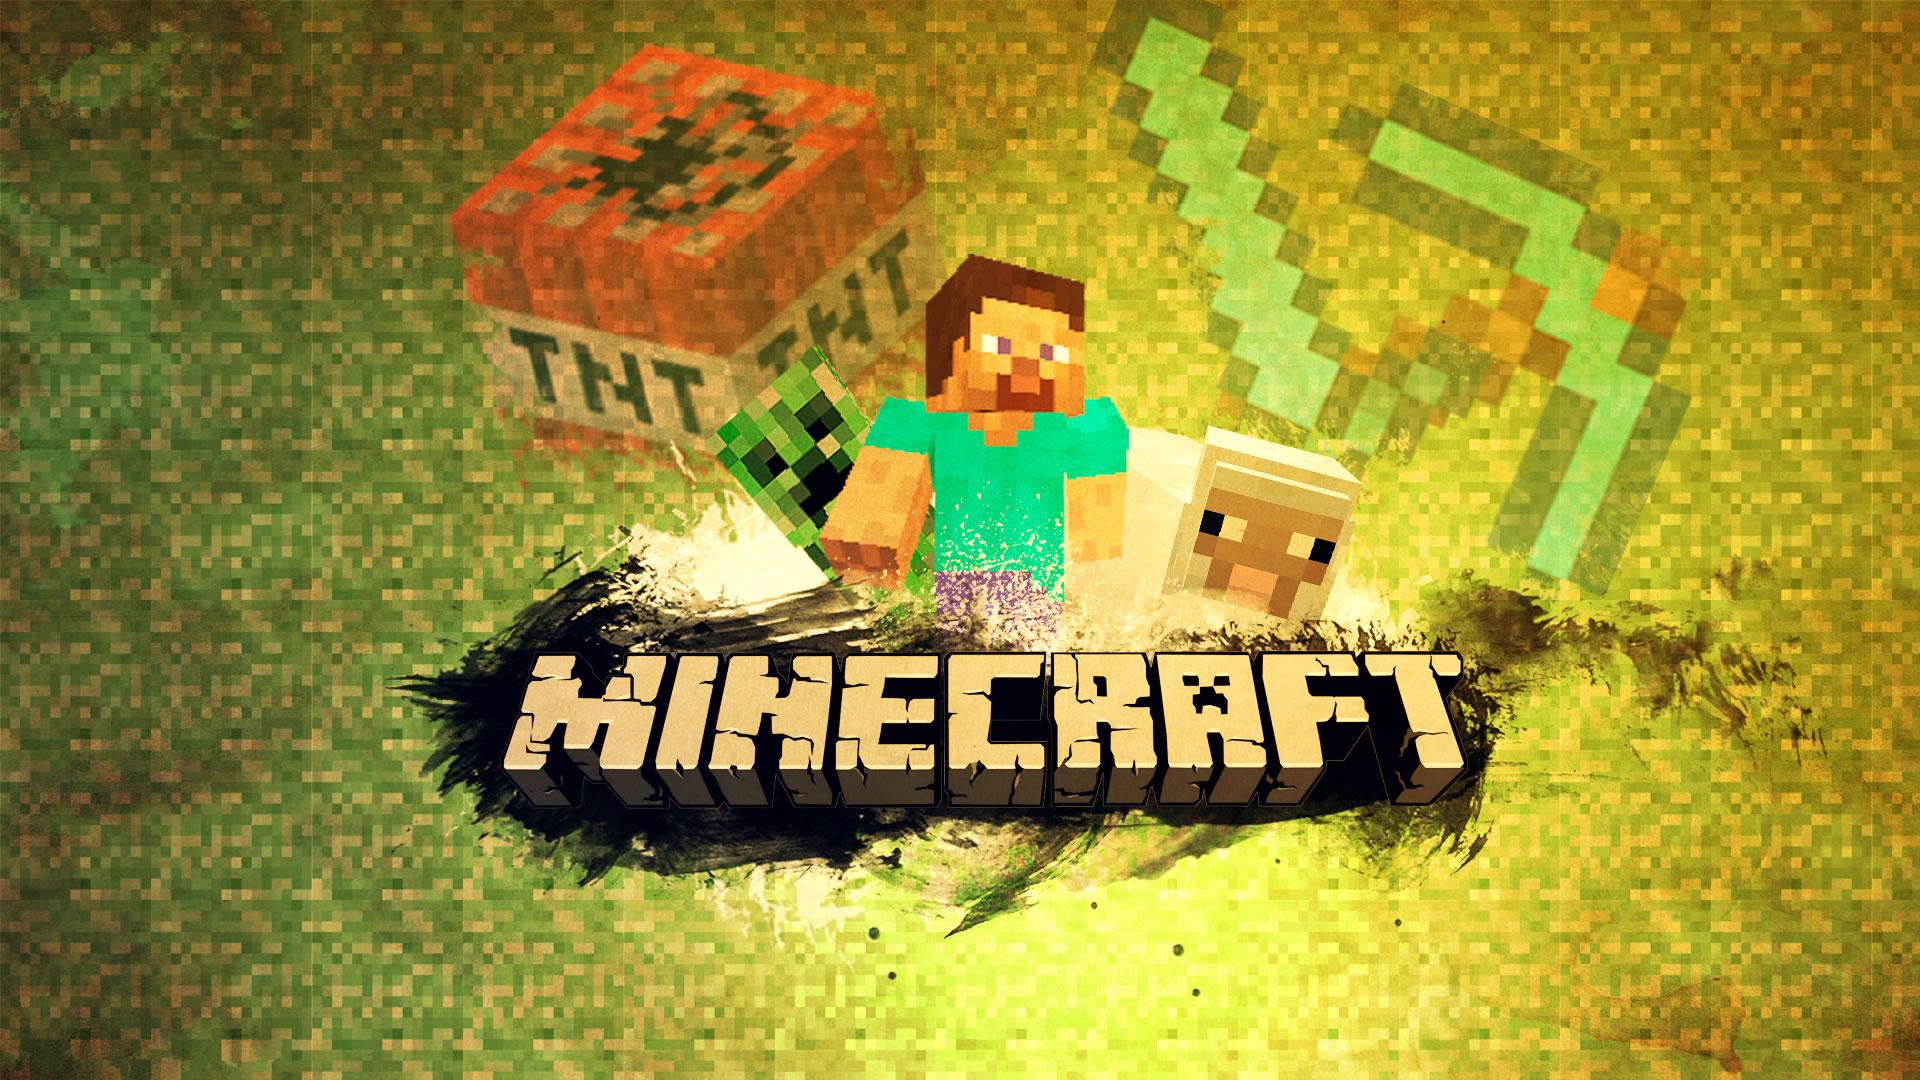 Minecraft And Make Money Tart Make Top Waste